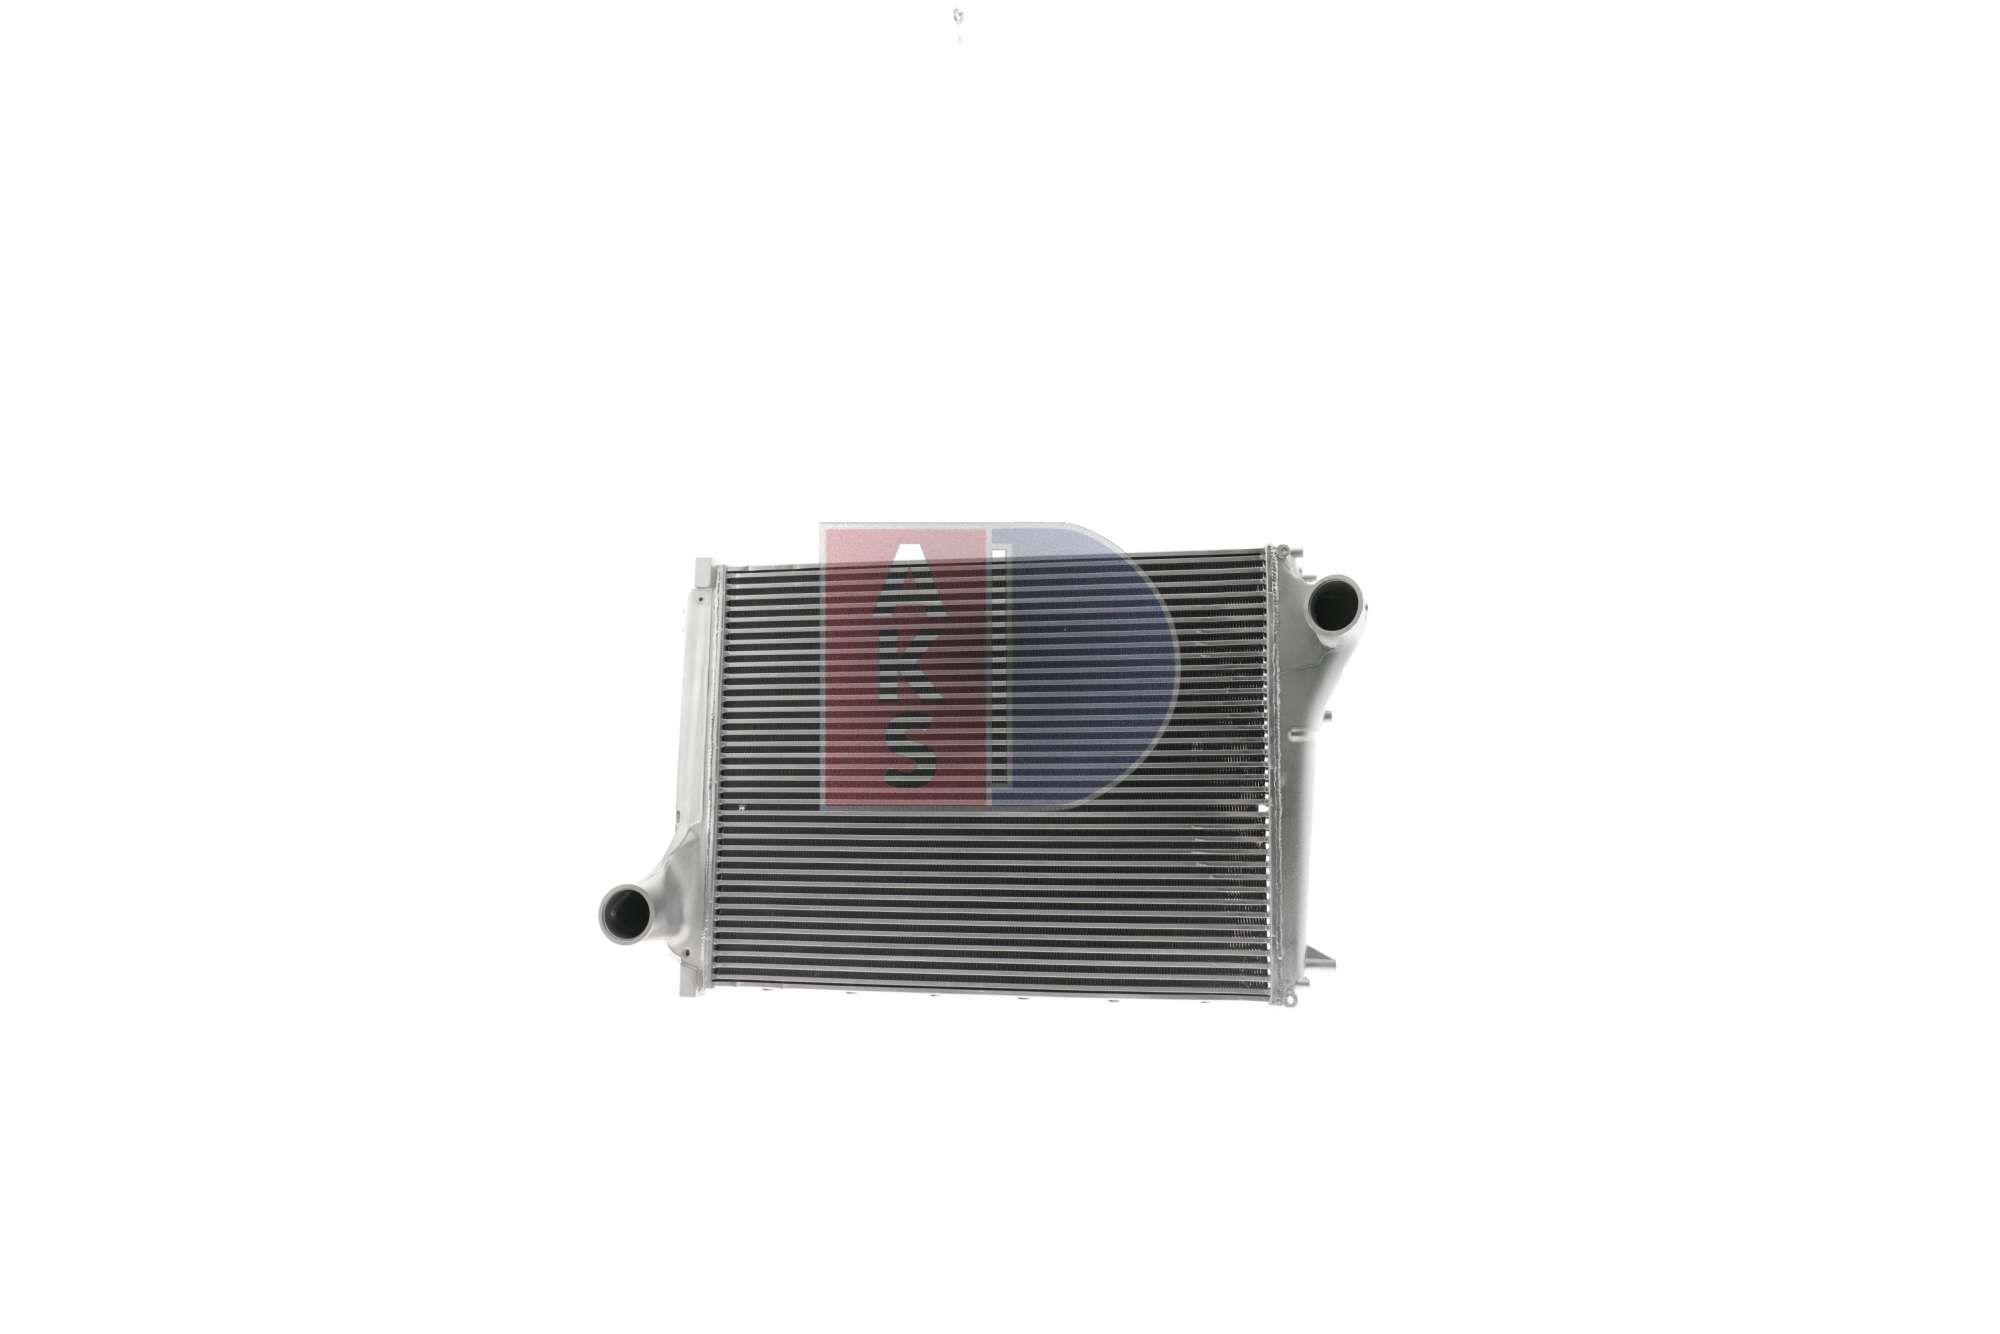 Ladeluftkühler AKS DASIS 287016N mit 20% Rabatt kaufen